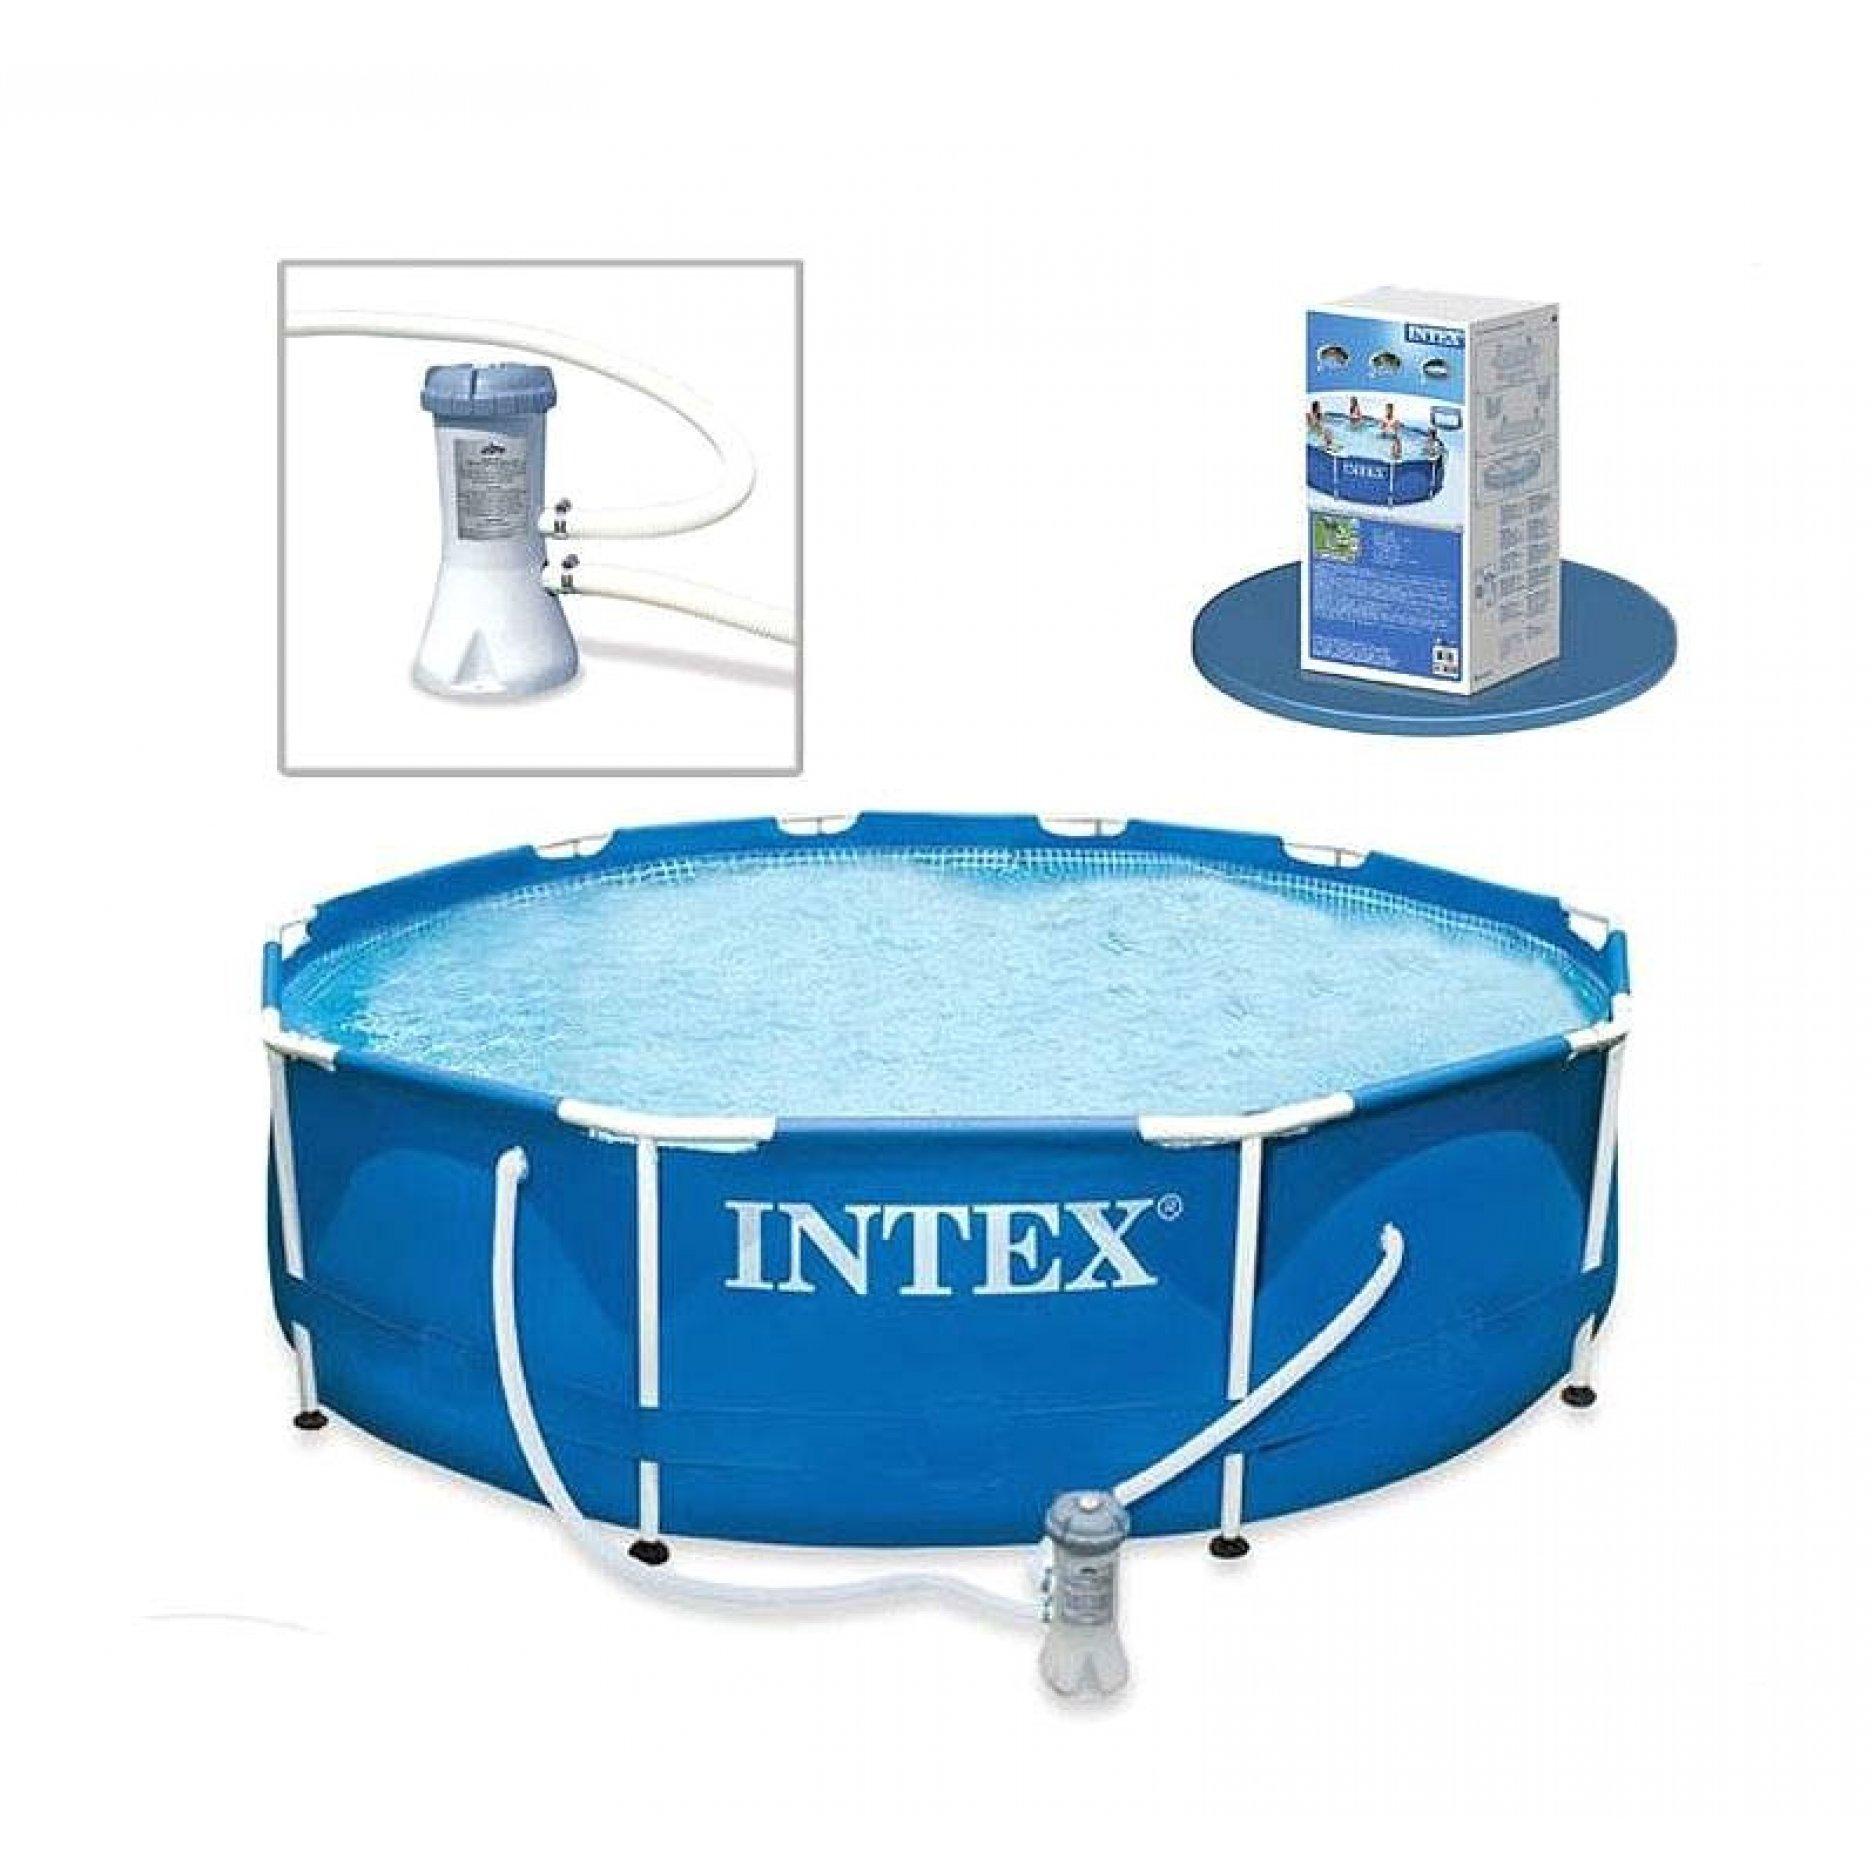 Каркасный бассейн INTEX Metal Frame 3,05 х 0,76 (м), 4485(л)